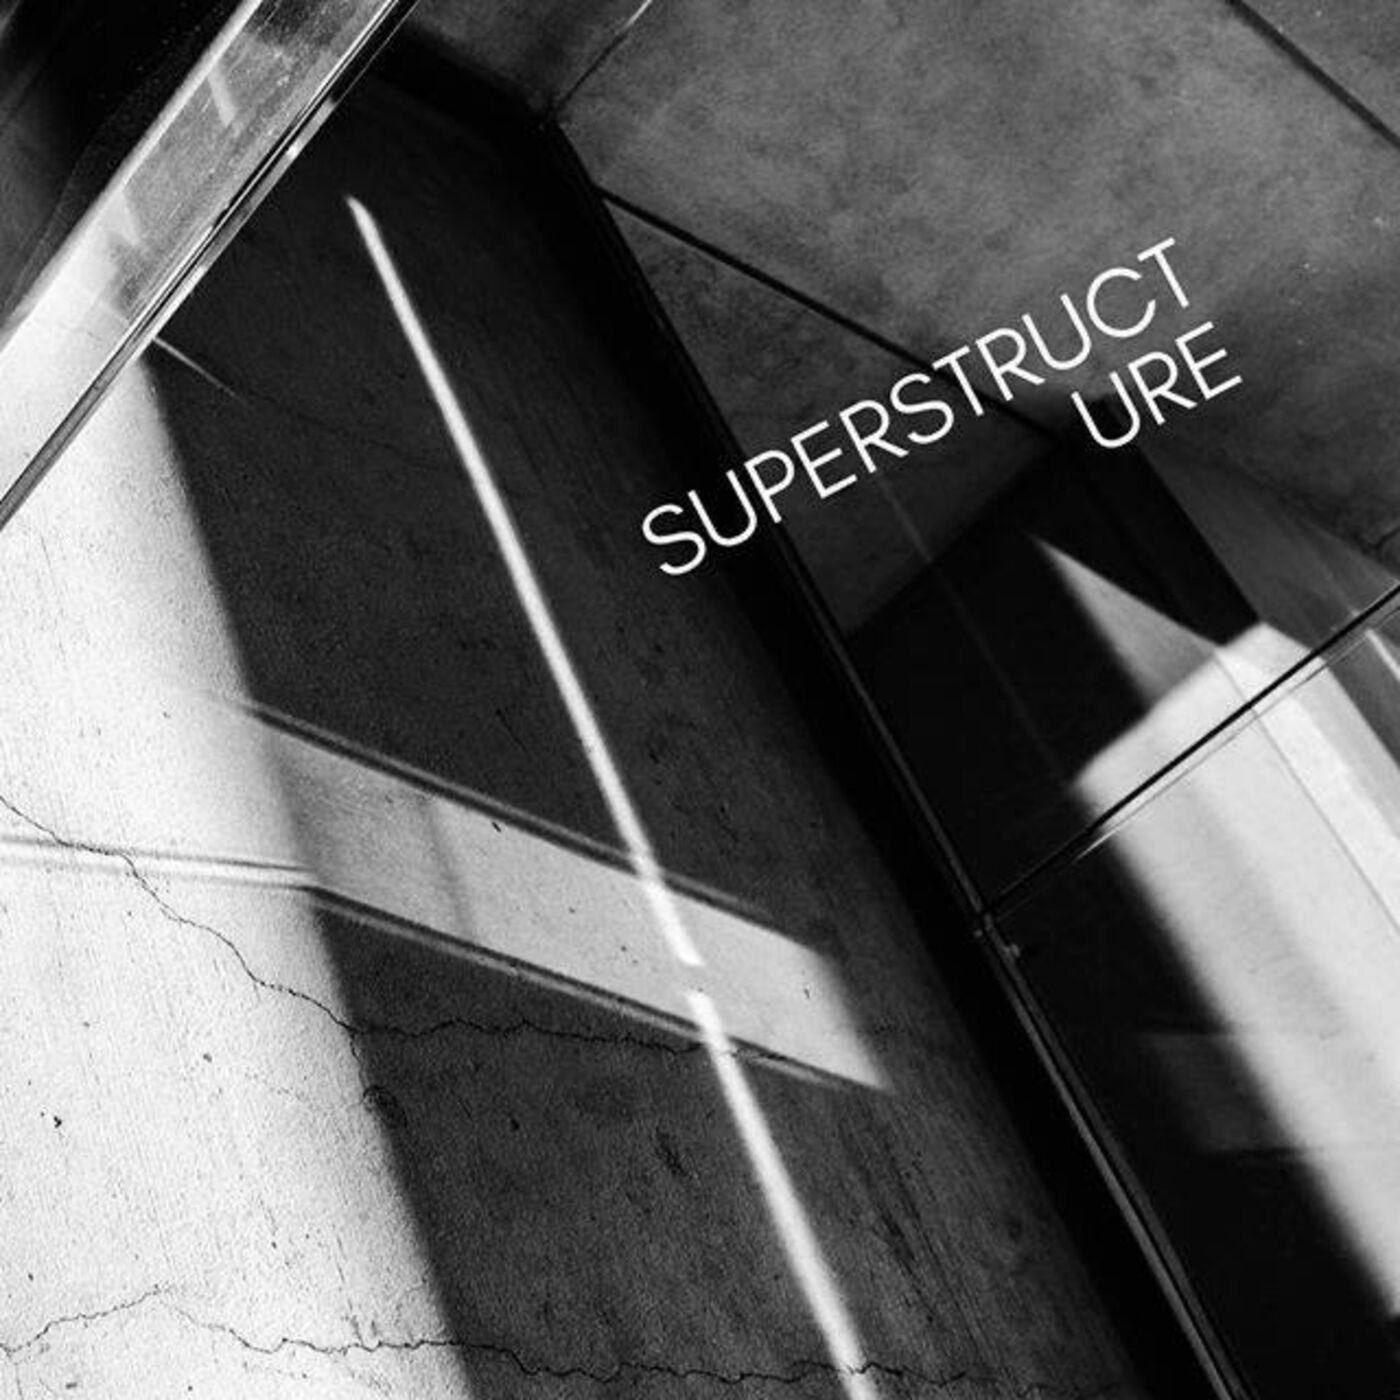 Superstructure: Critique after Bernie